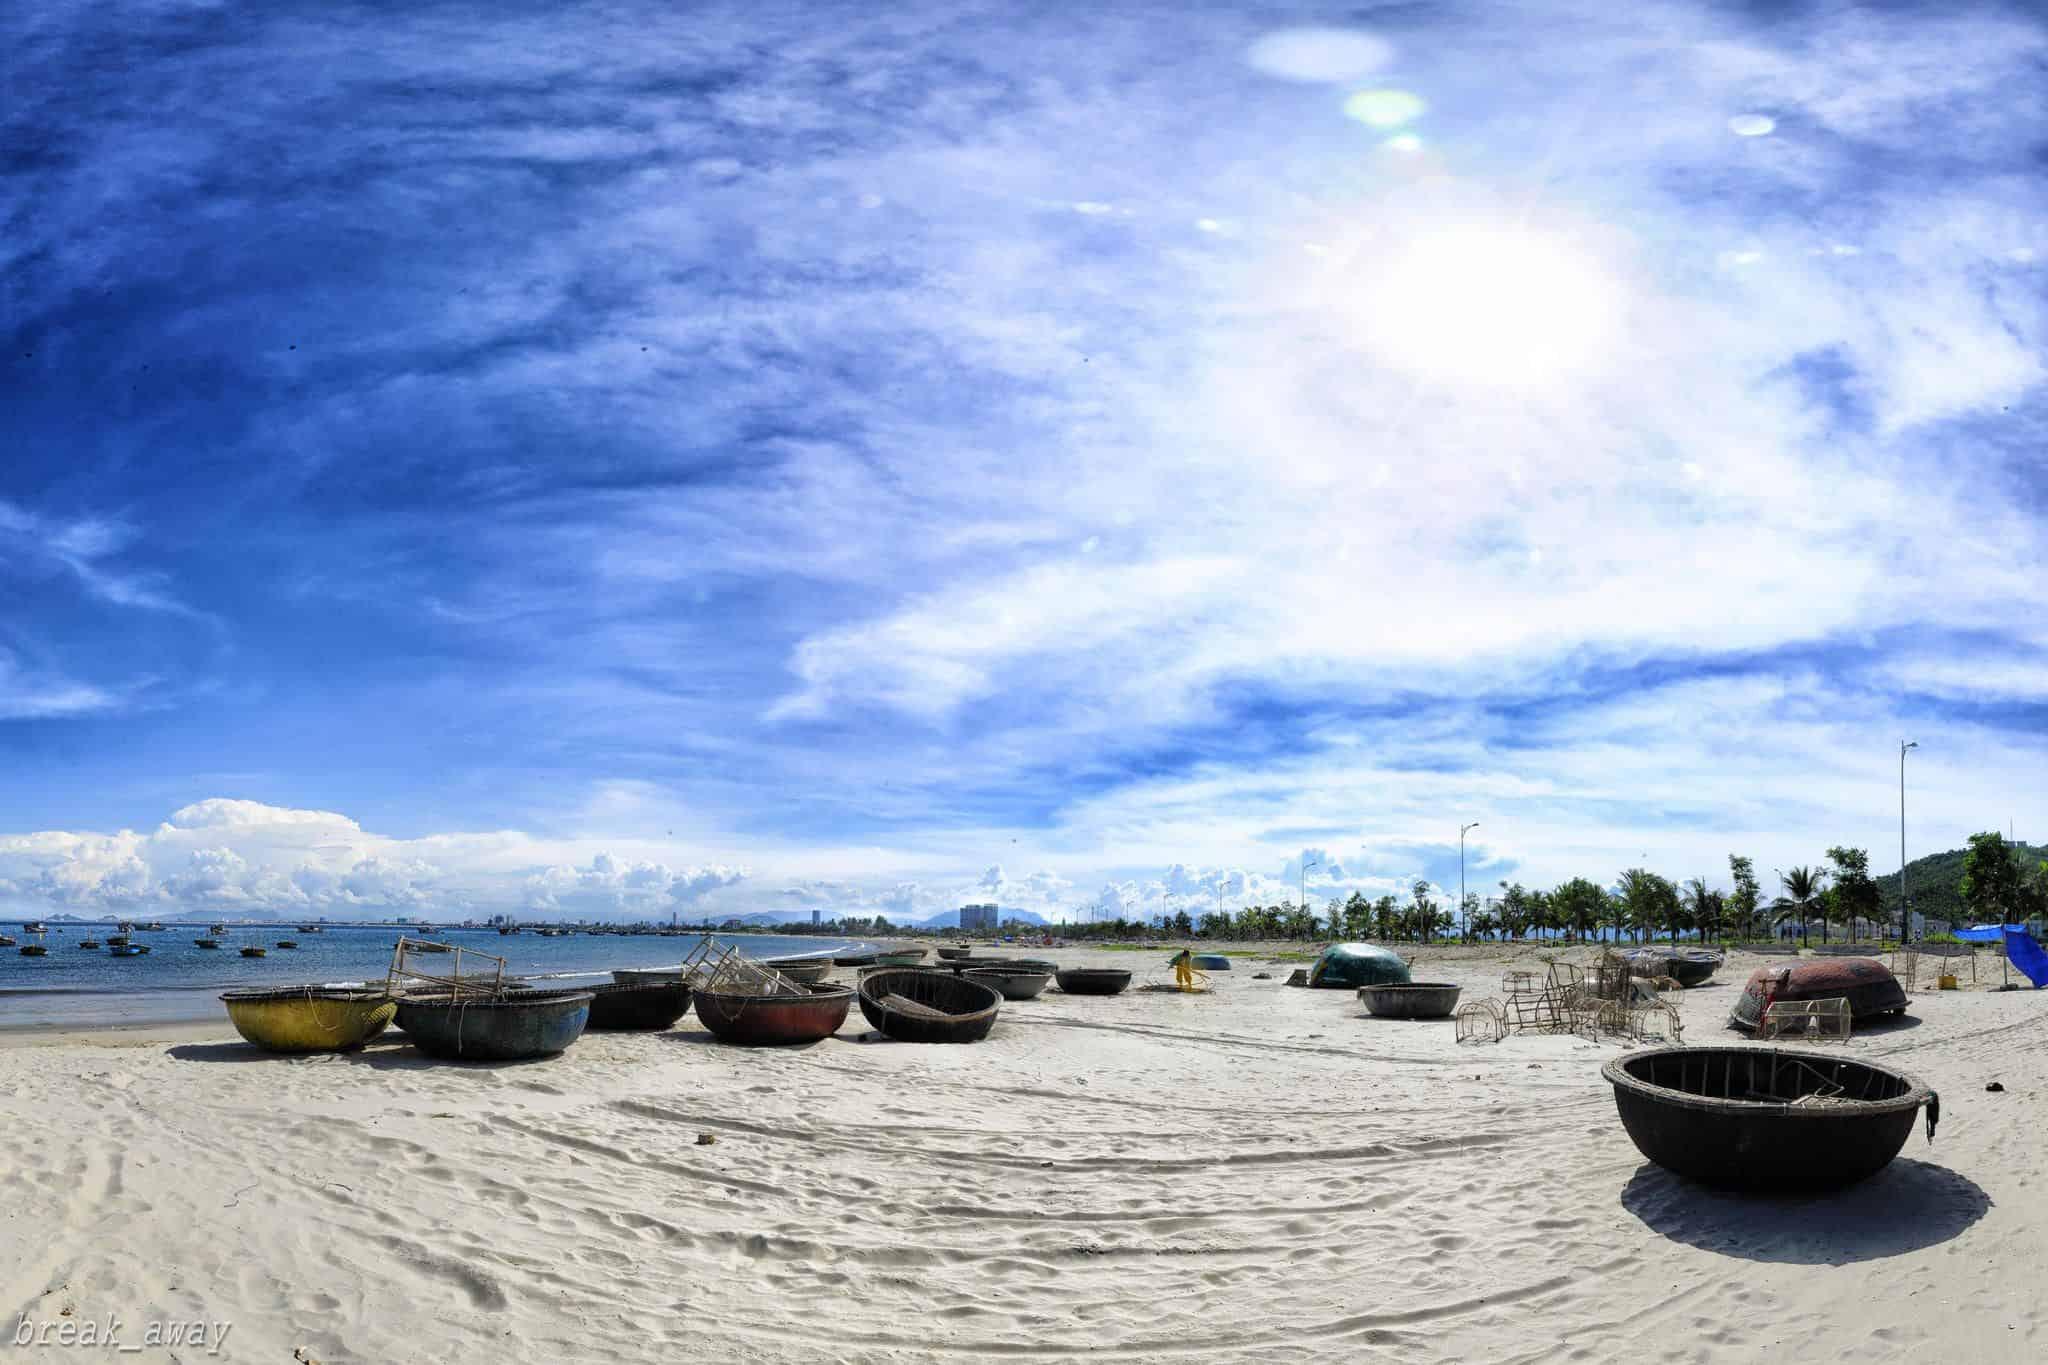 Bãi biển Mỹ Khê vào những ngày nắng. (Ảnh ST)